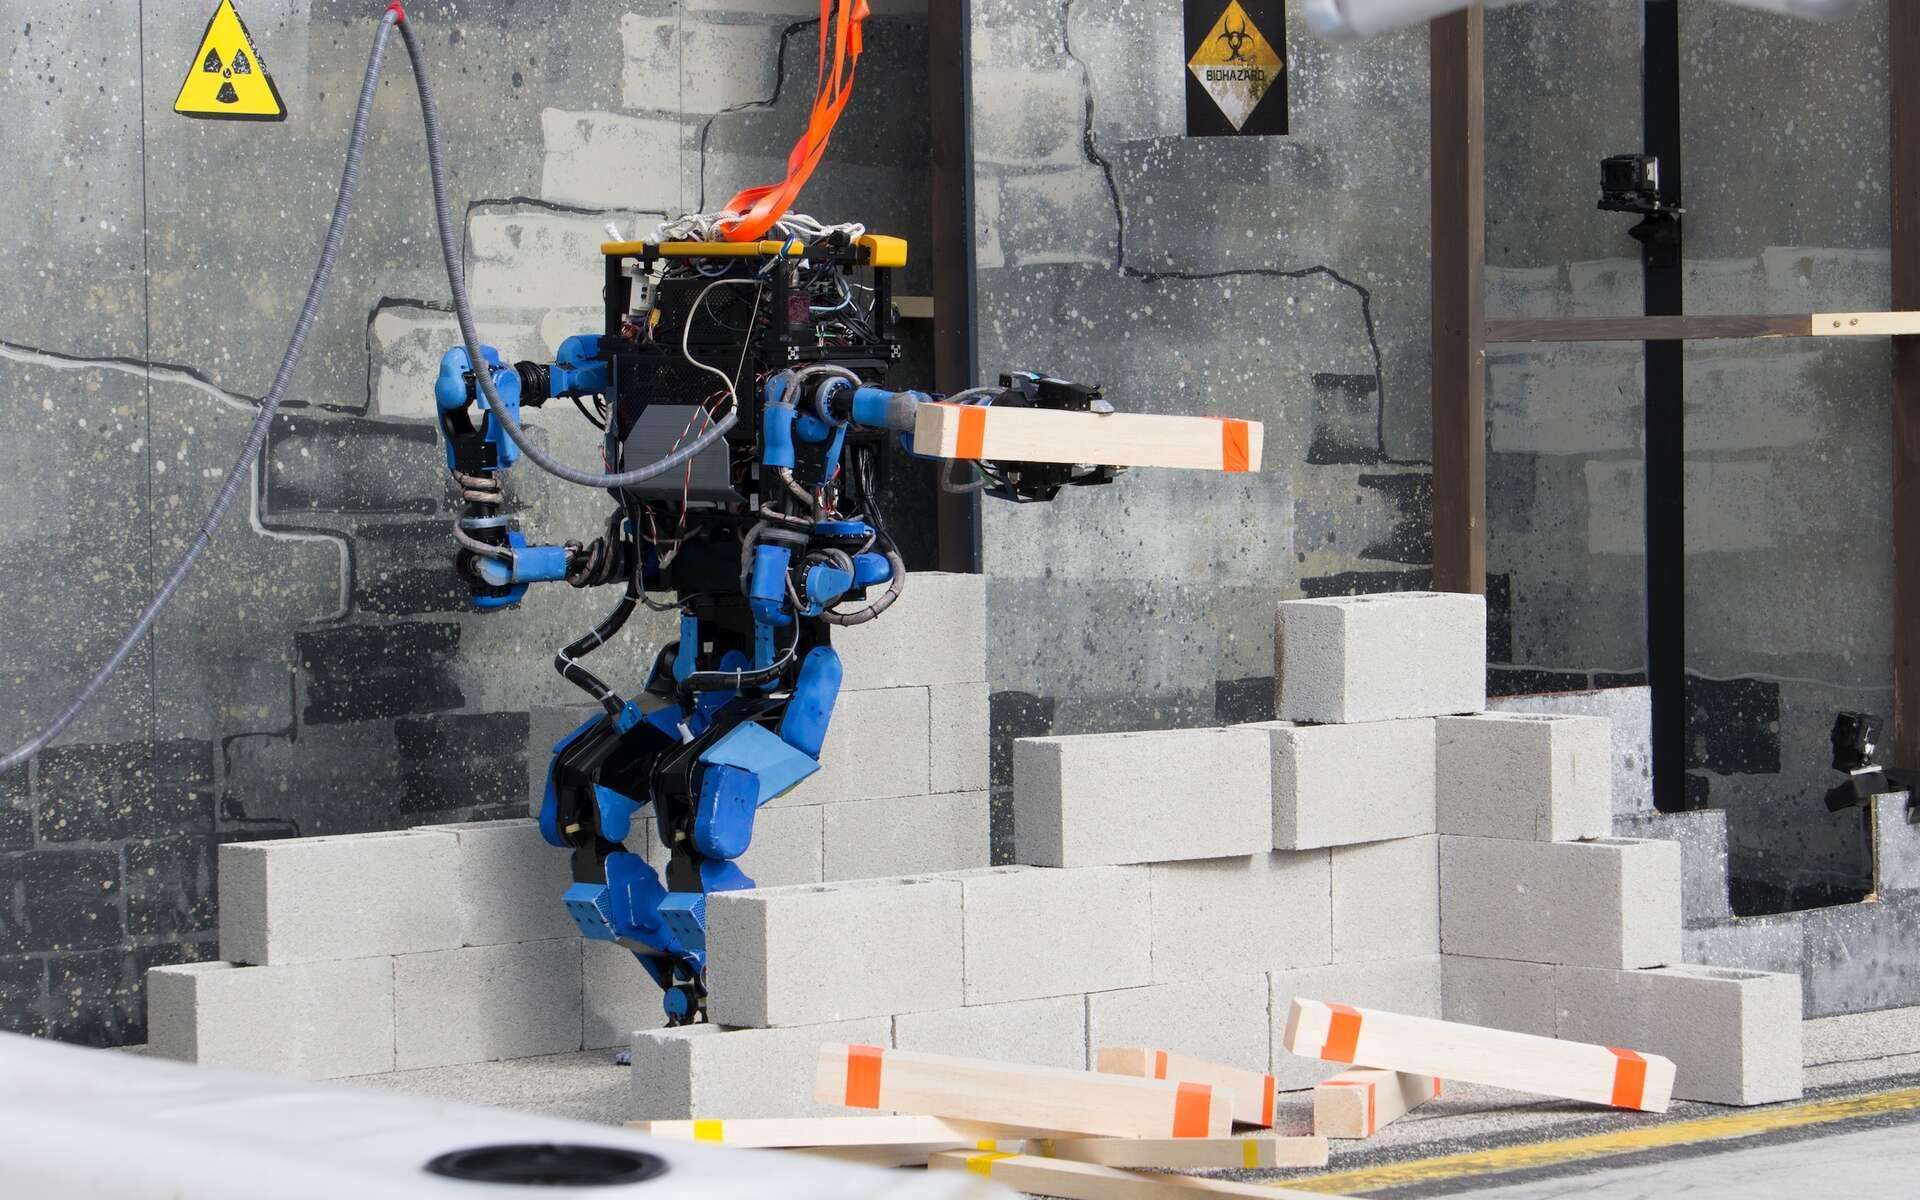 Schaft est le grand vainqueur du Darpa Robotics Challenge. Il a été conçu par une société japonaise rachetée par Google voilà quelques mois. Le géant de Mountain View s'est également offert Boston Dynamics, créateur du robot Atlas utilisé par 7 des 16 équipes qui ont participé au concours. © Darpa Robotics Challenge